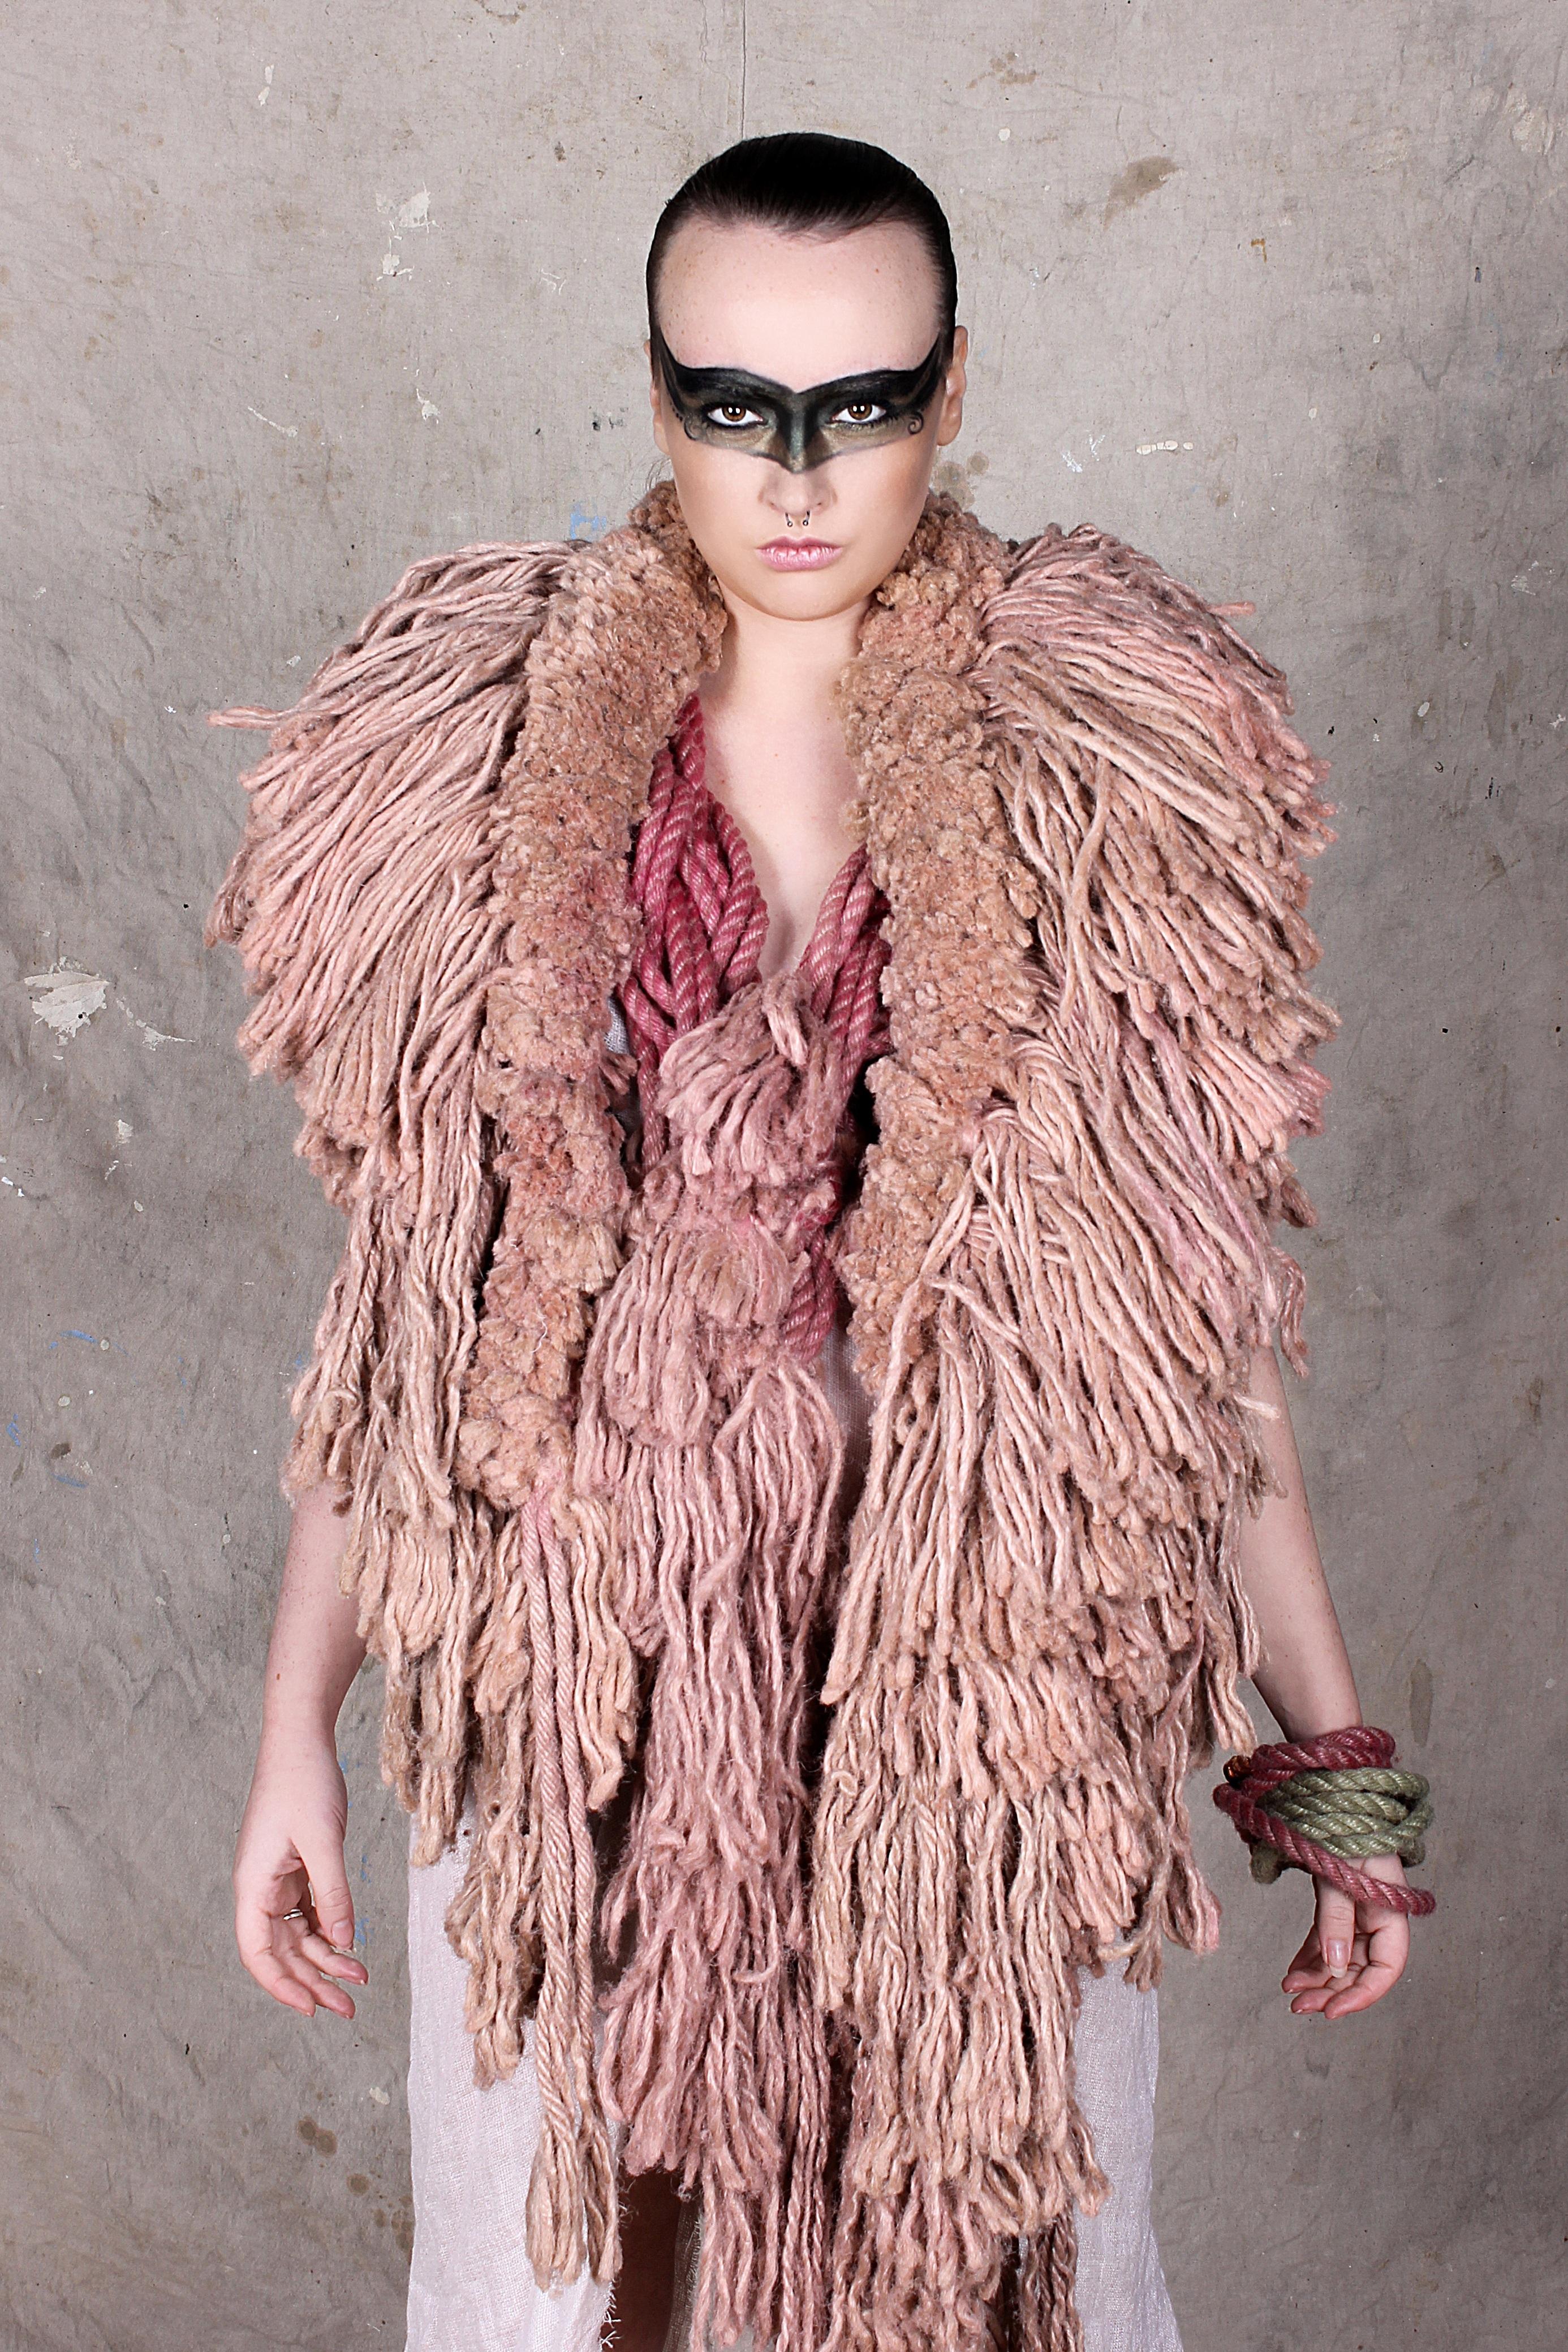 Fotos gratis : pelaje, Moda, ropa de calle, material, pelo largo ...